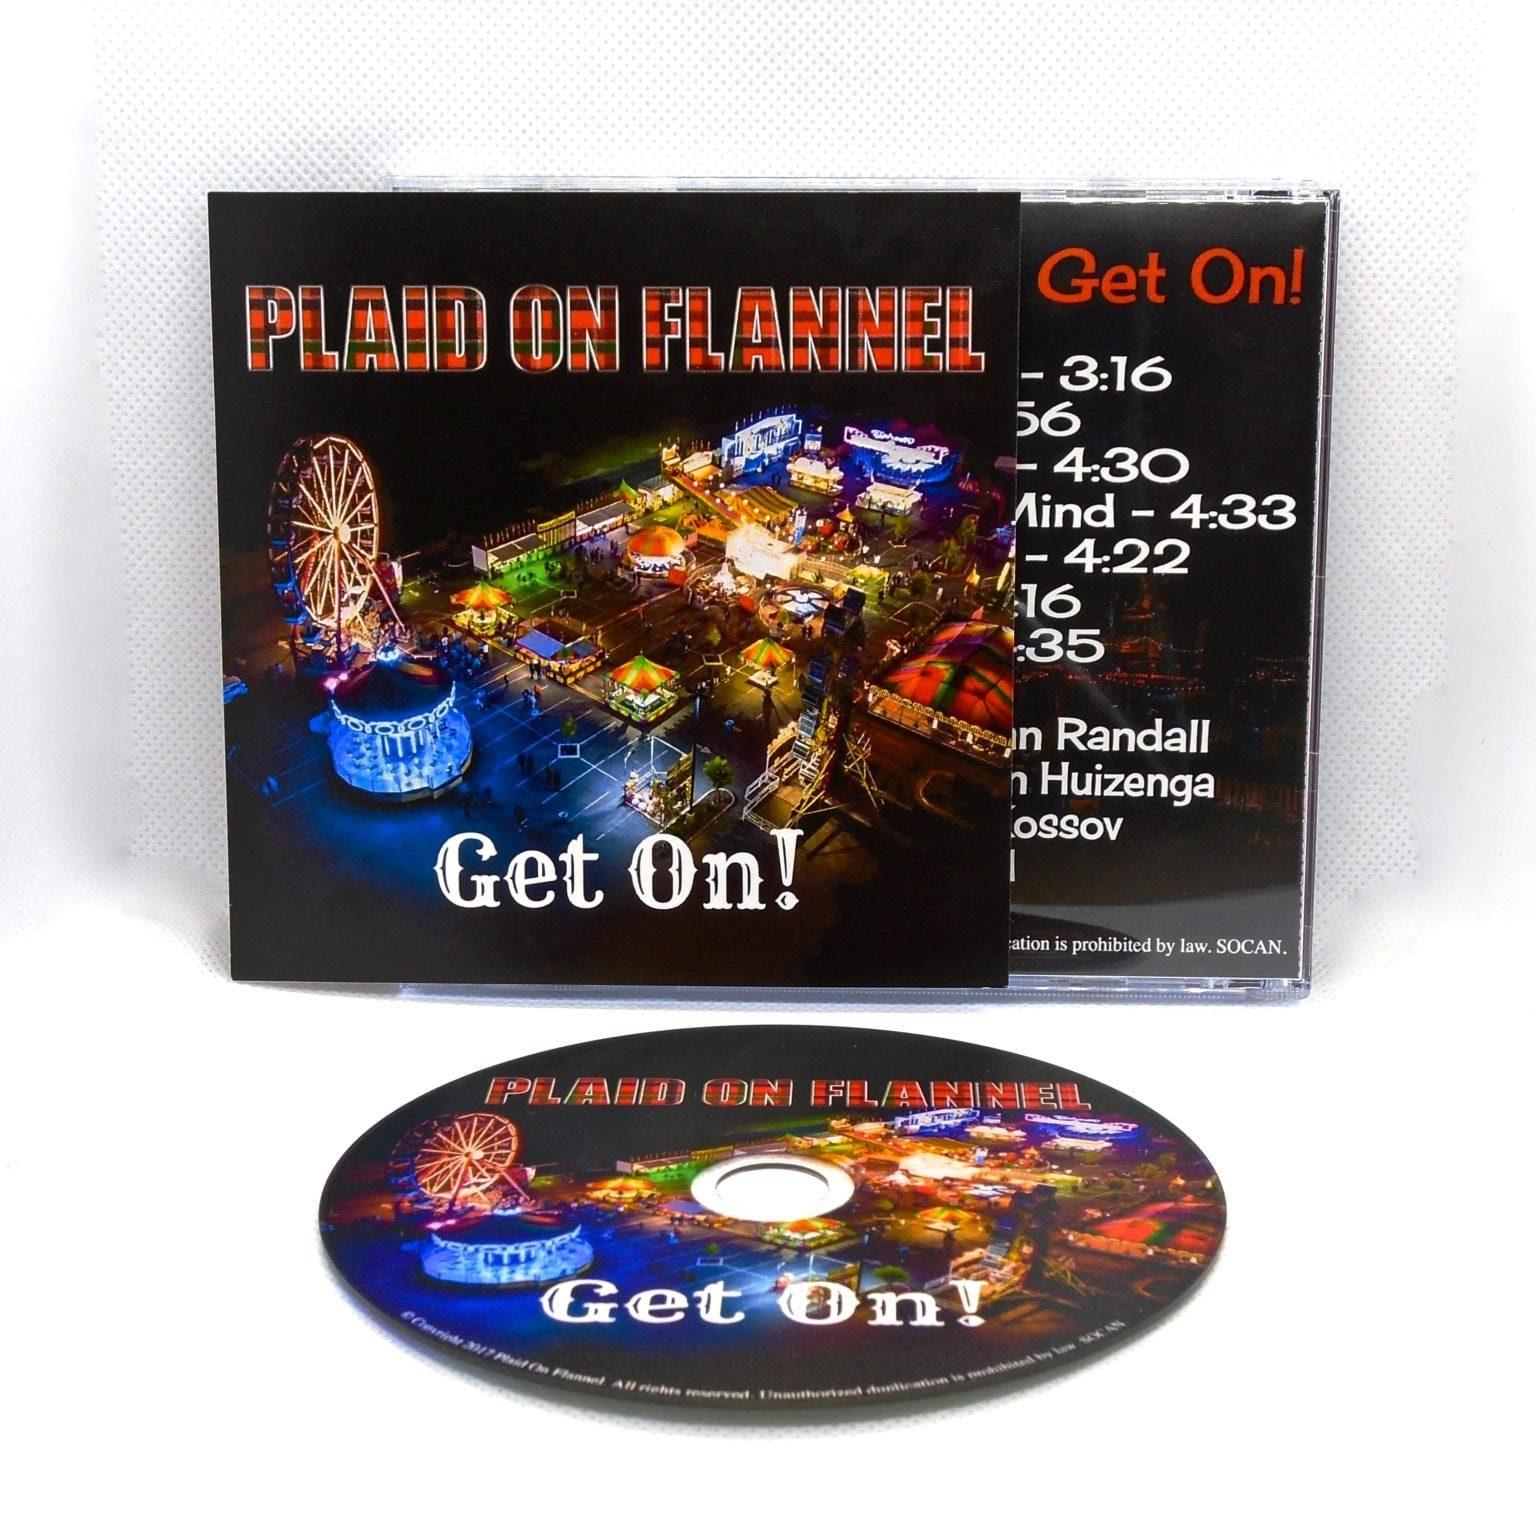 Get On! CD 4-min